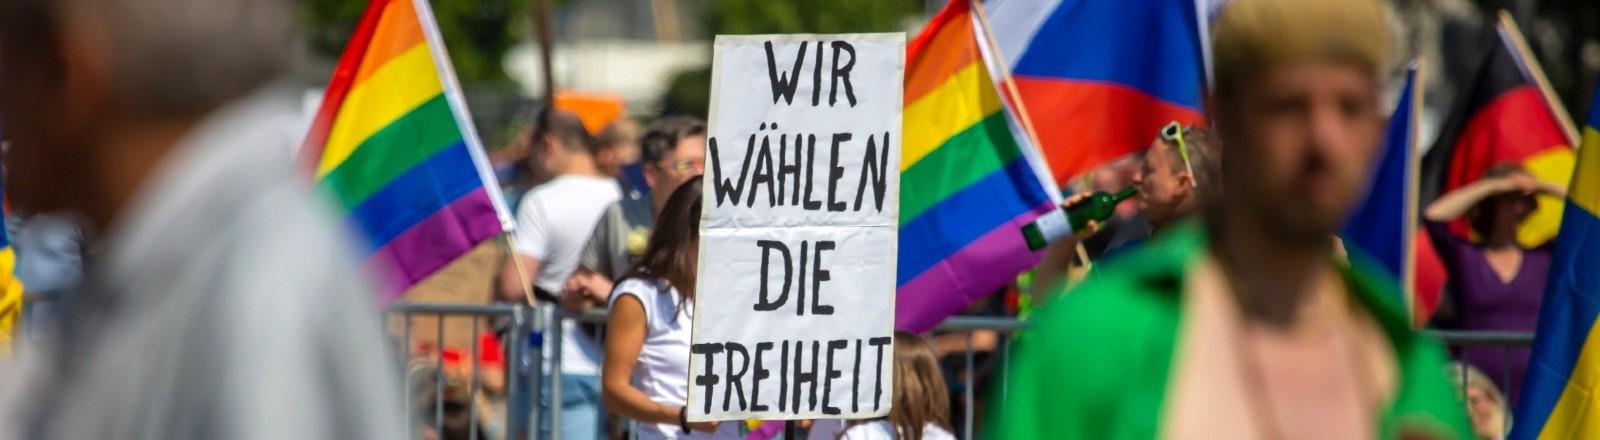 Demonstration in Stuttgart für das Grundgesetz und gegen Corona-Maßnahmen.